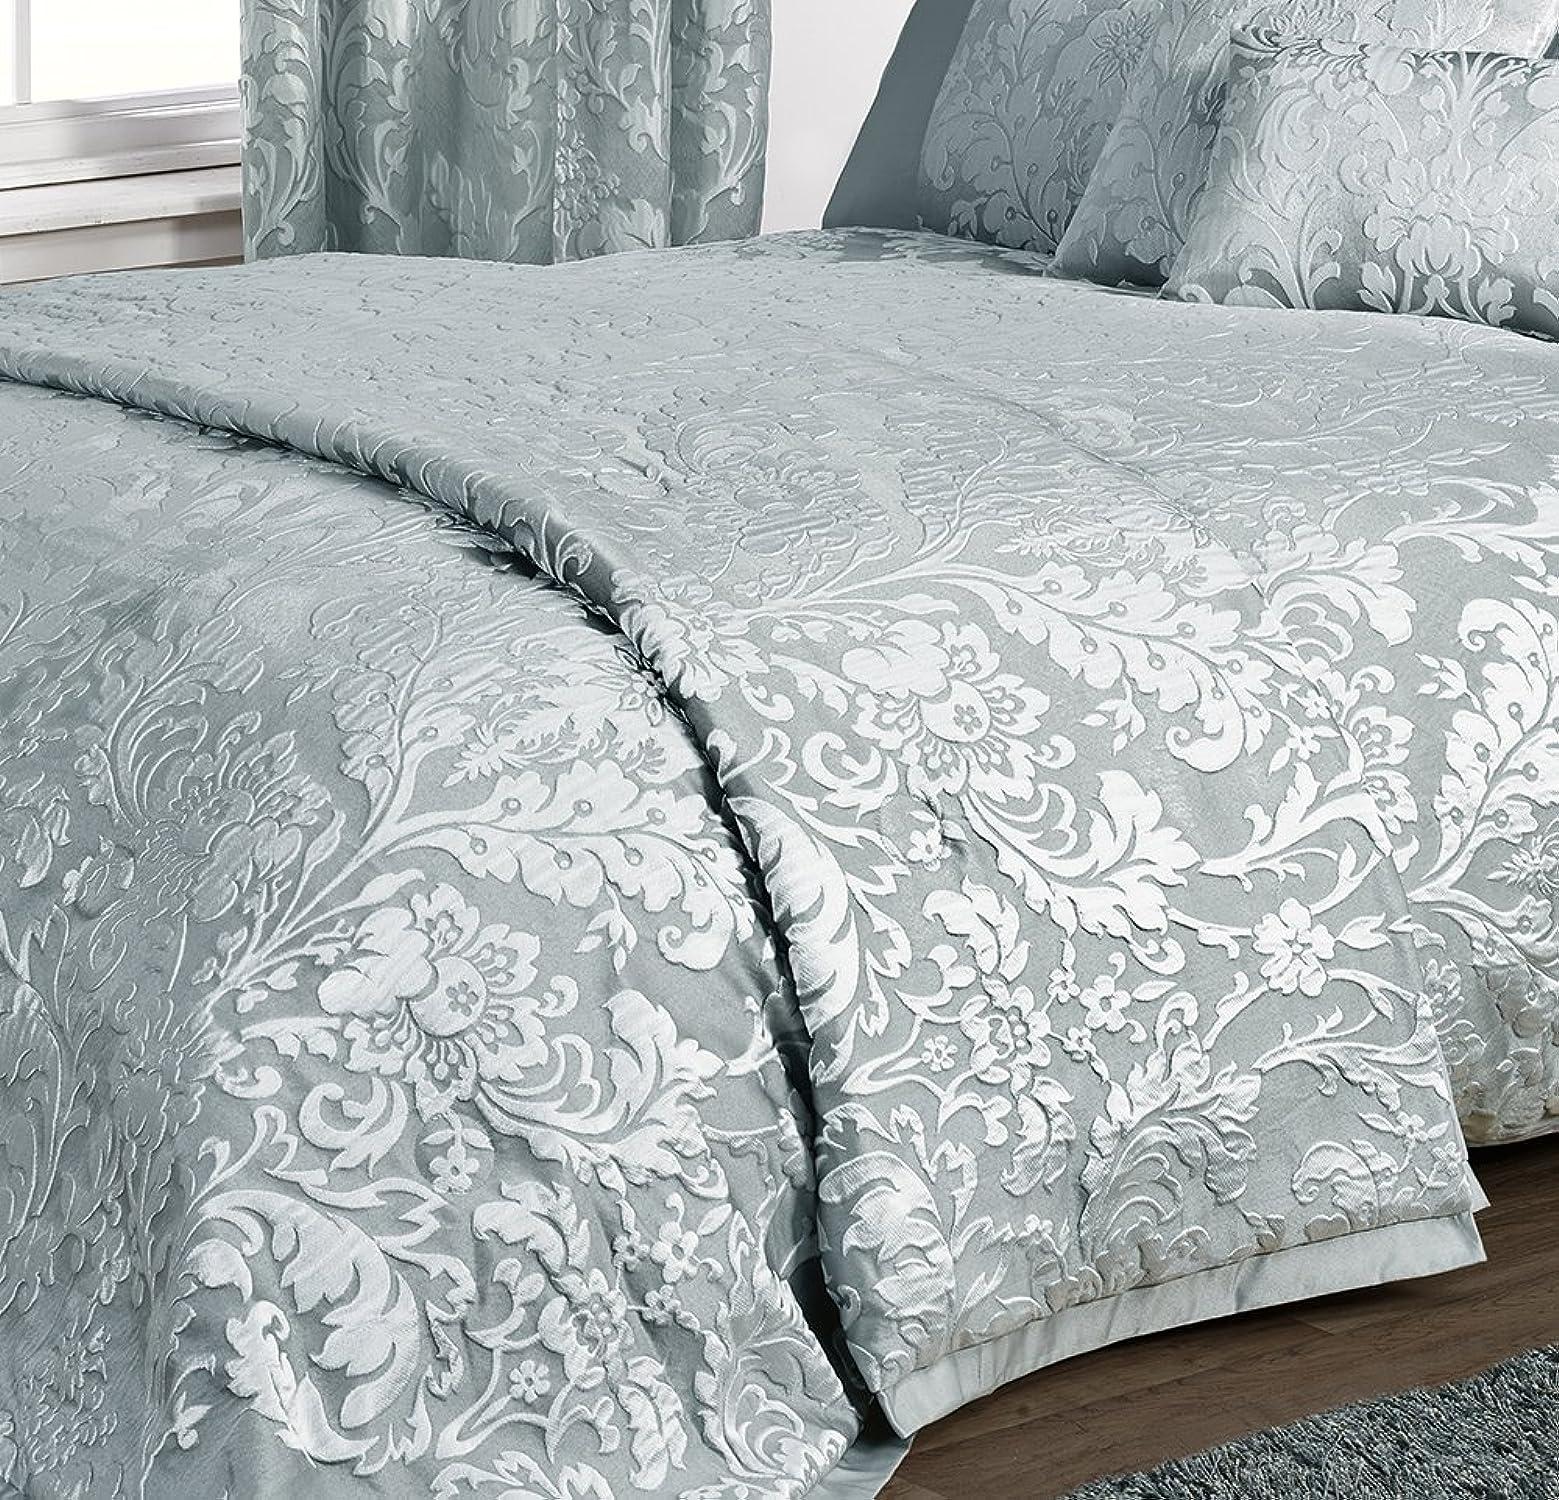 K Living Parure de lit de luxe Charleston bleu canard bleu jacquard (housse de couette, couvre-lit, housse de coussin boudoir, rideaux et autres articles disponibles, vendu séparéHommest), bleu canard, Double Bed Bedspread